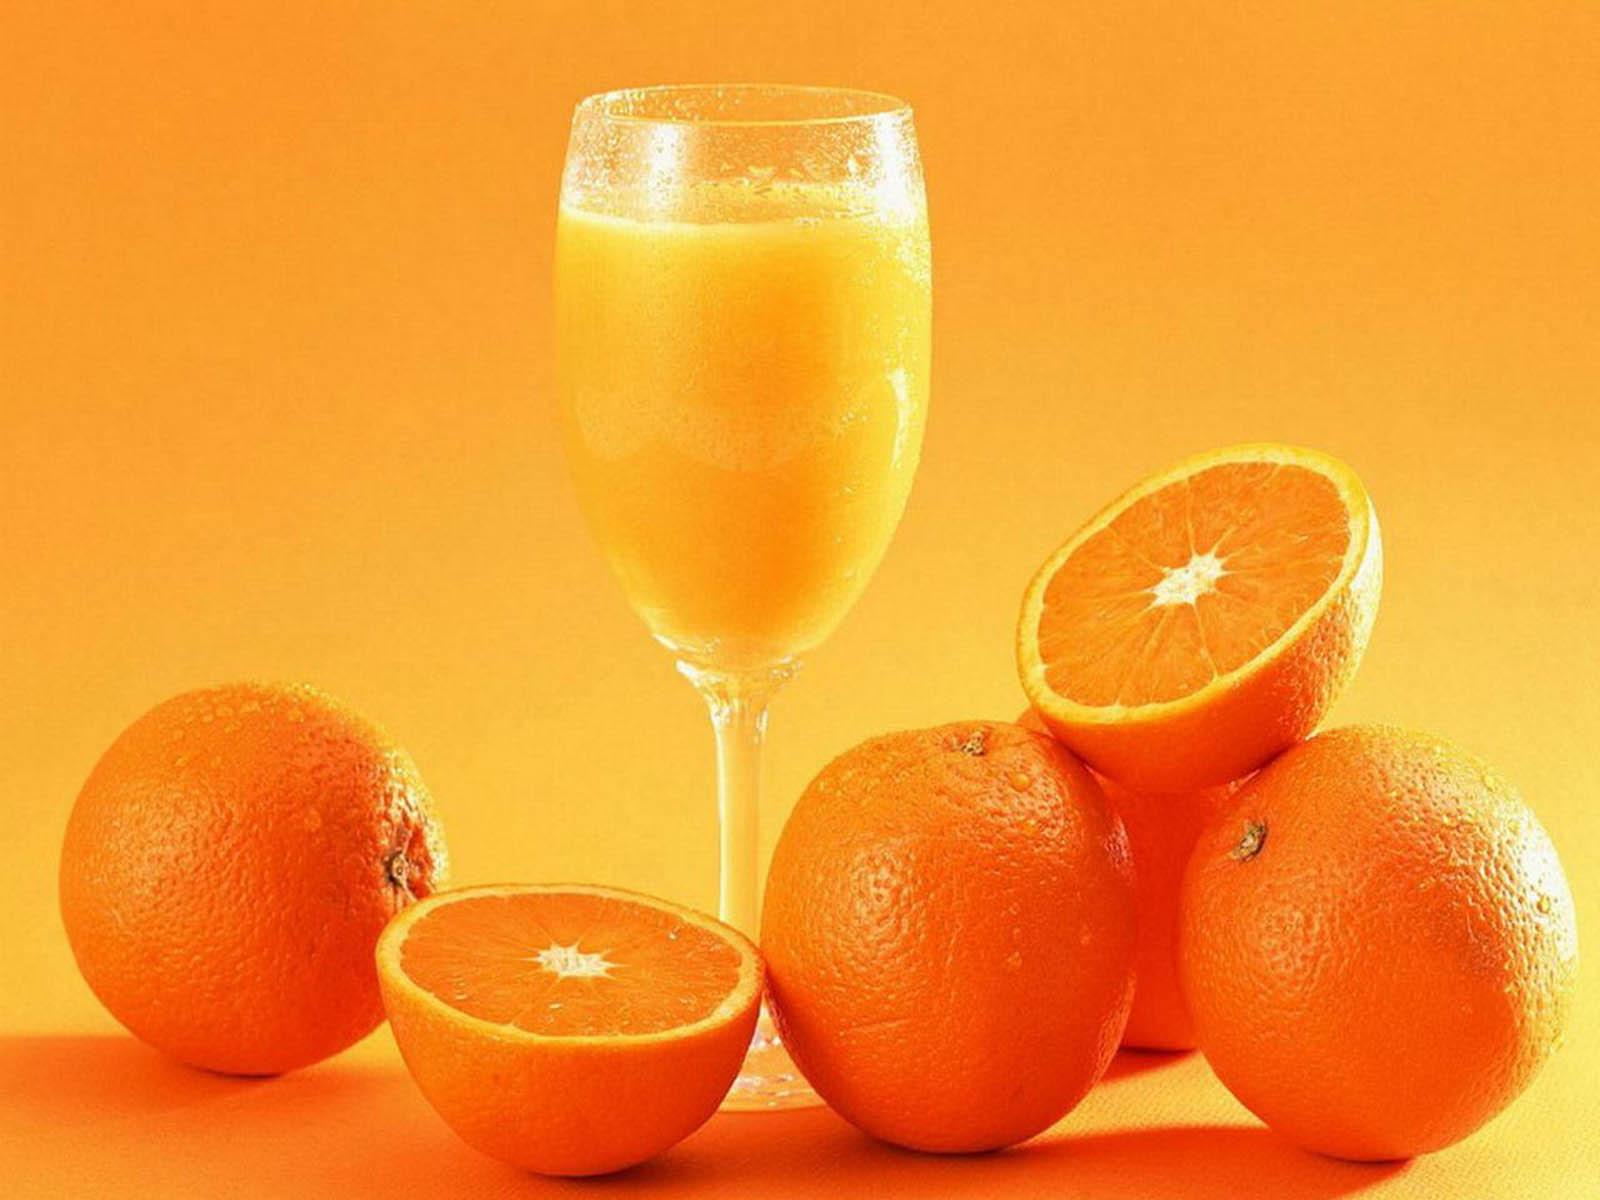 Orange Fruits Wallpapers Desktop Wallpaper